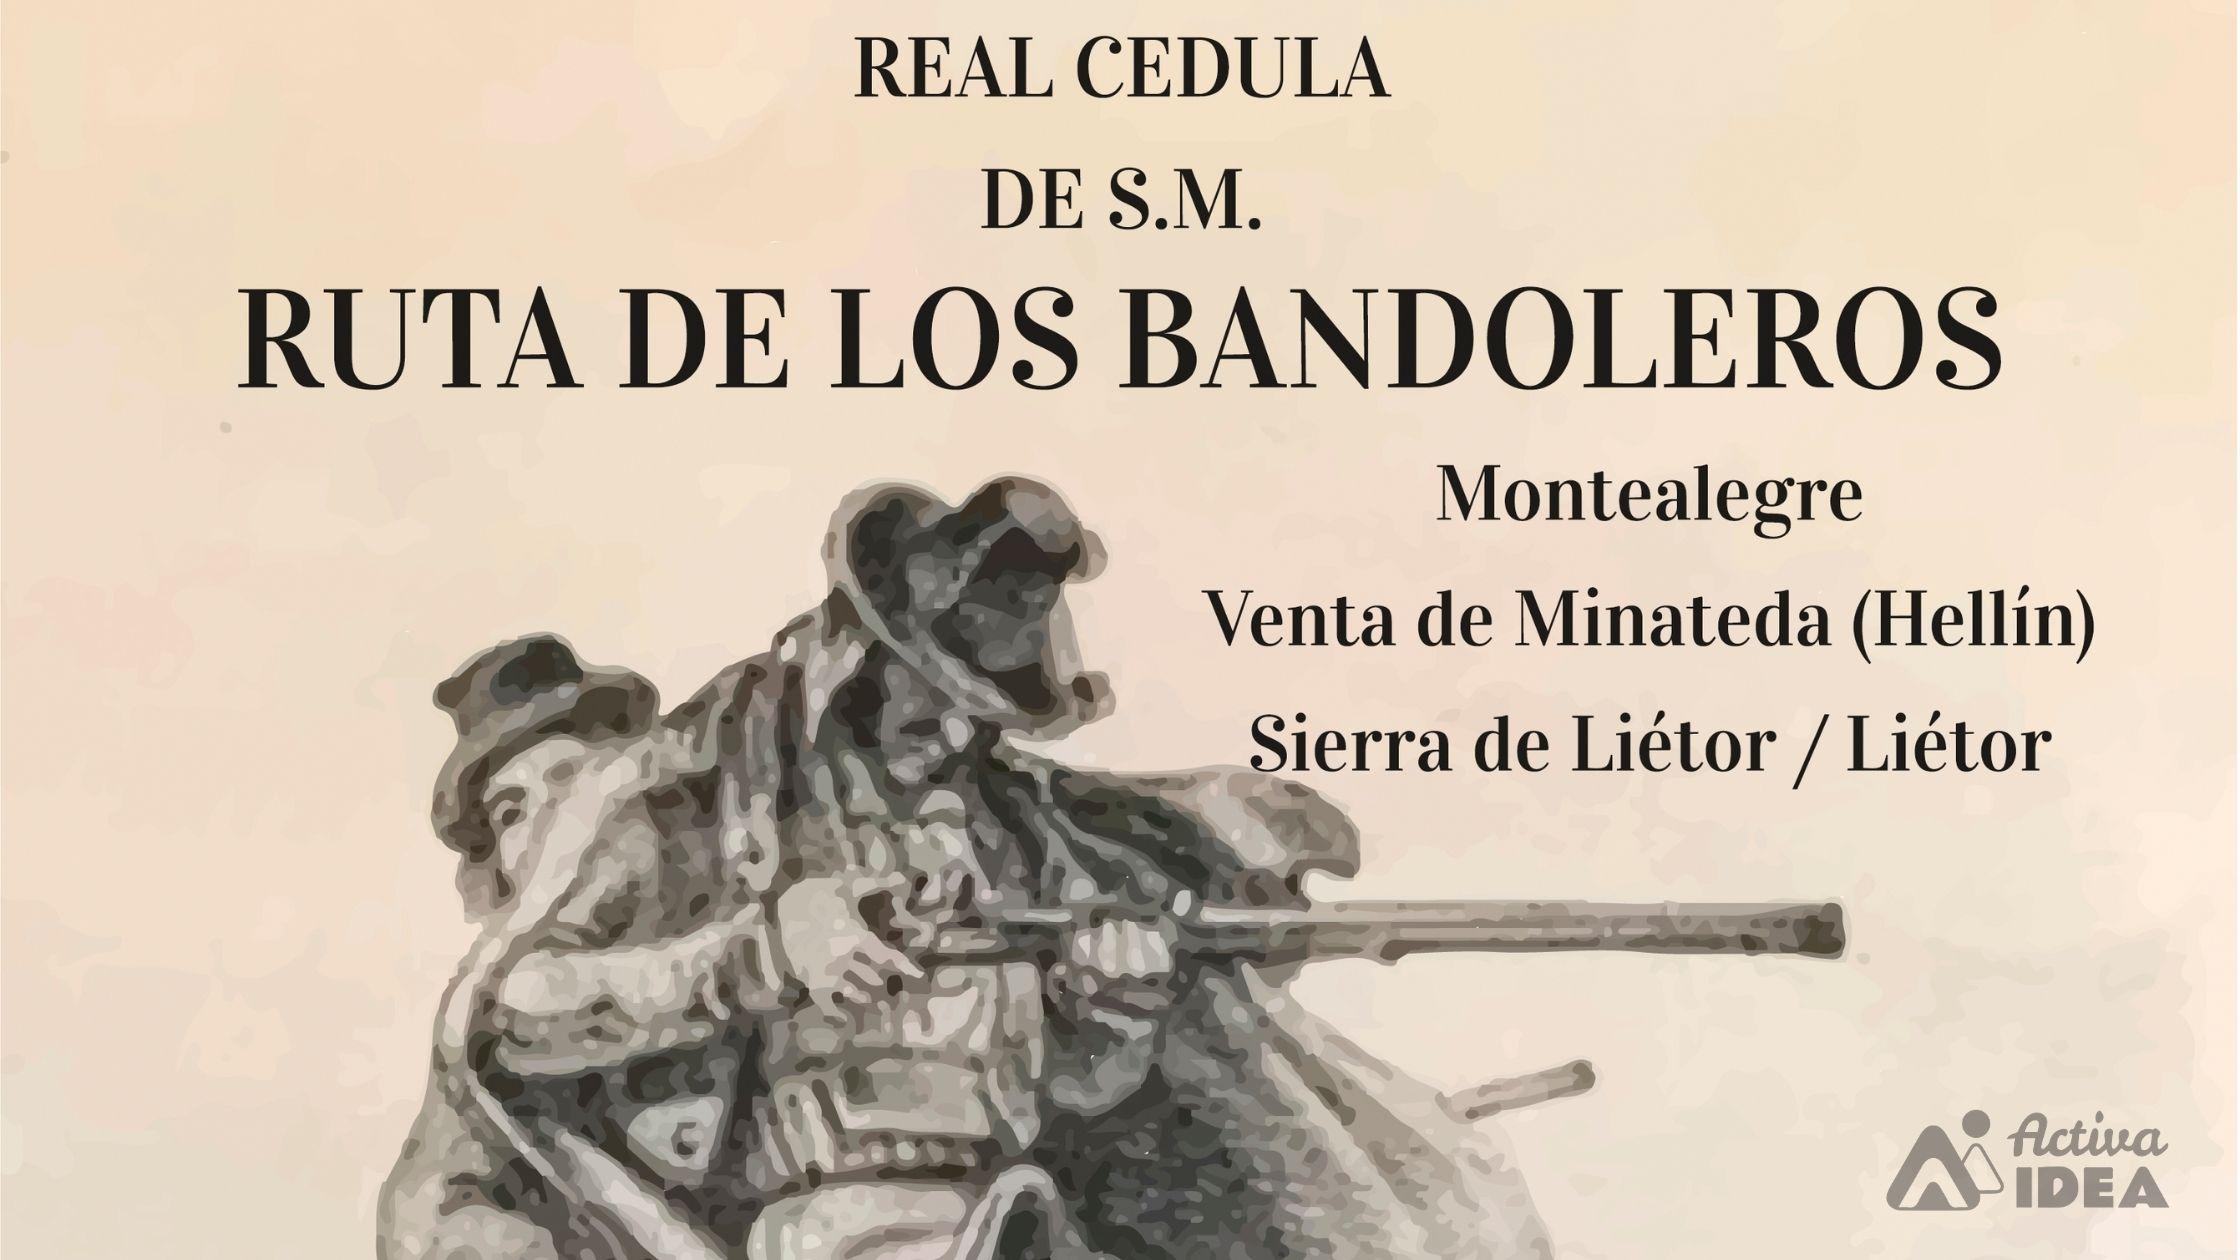 RUTA DE LOS BANDOLEROS